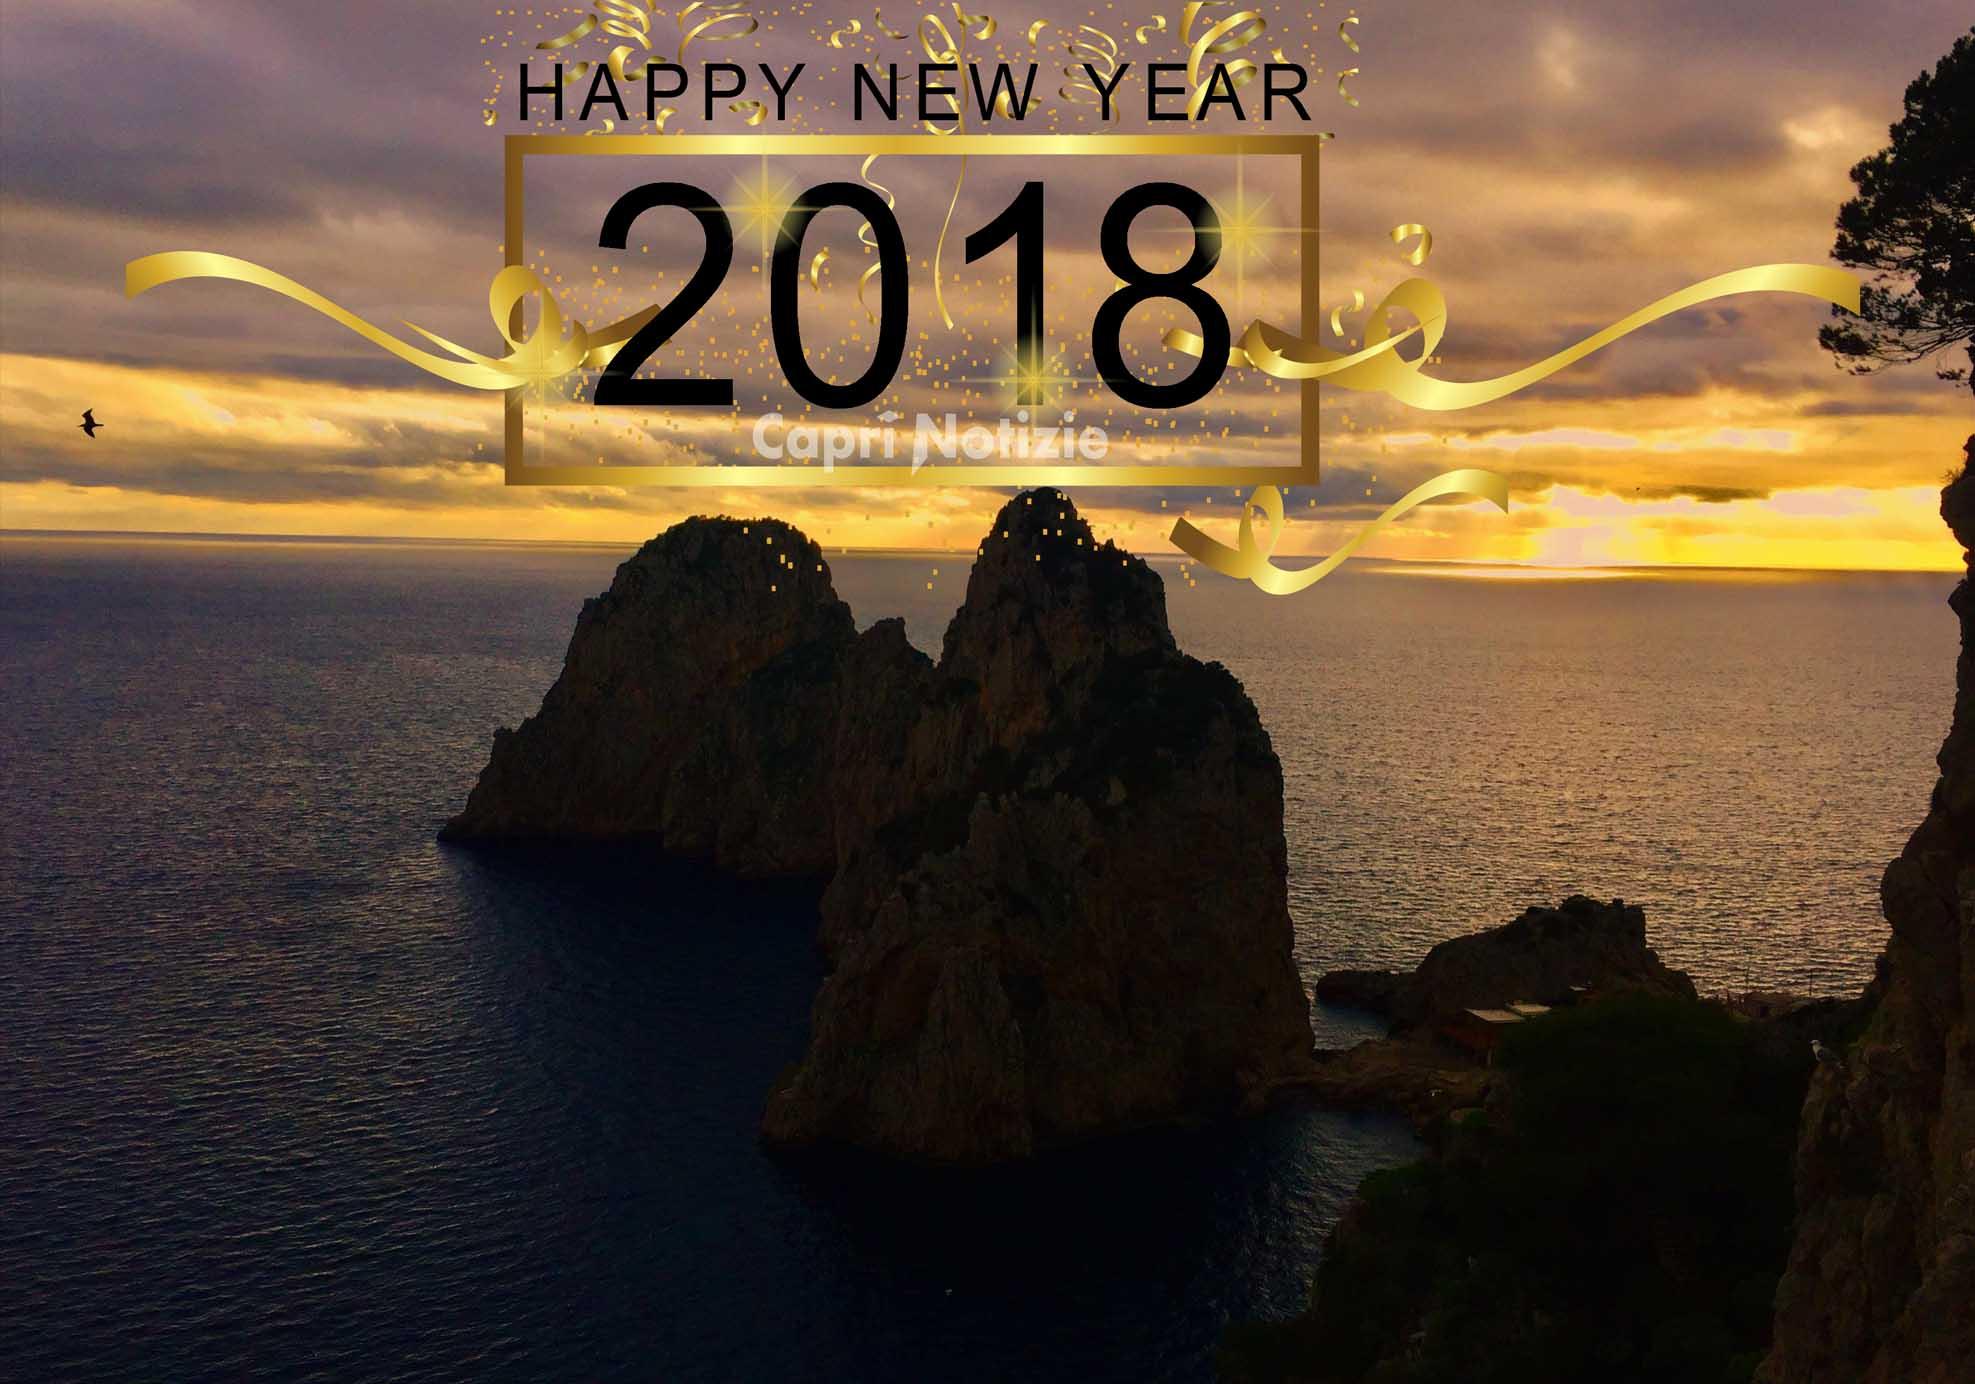 Buon 2018 da Caprinotizie, la Foto Portafortuna da Condividere subito